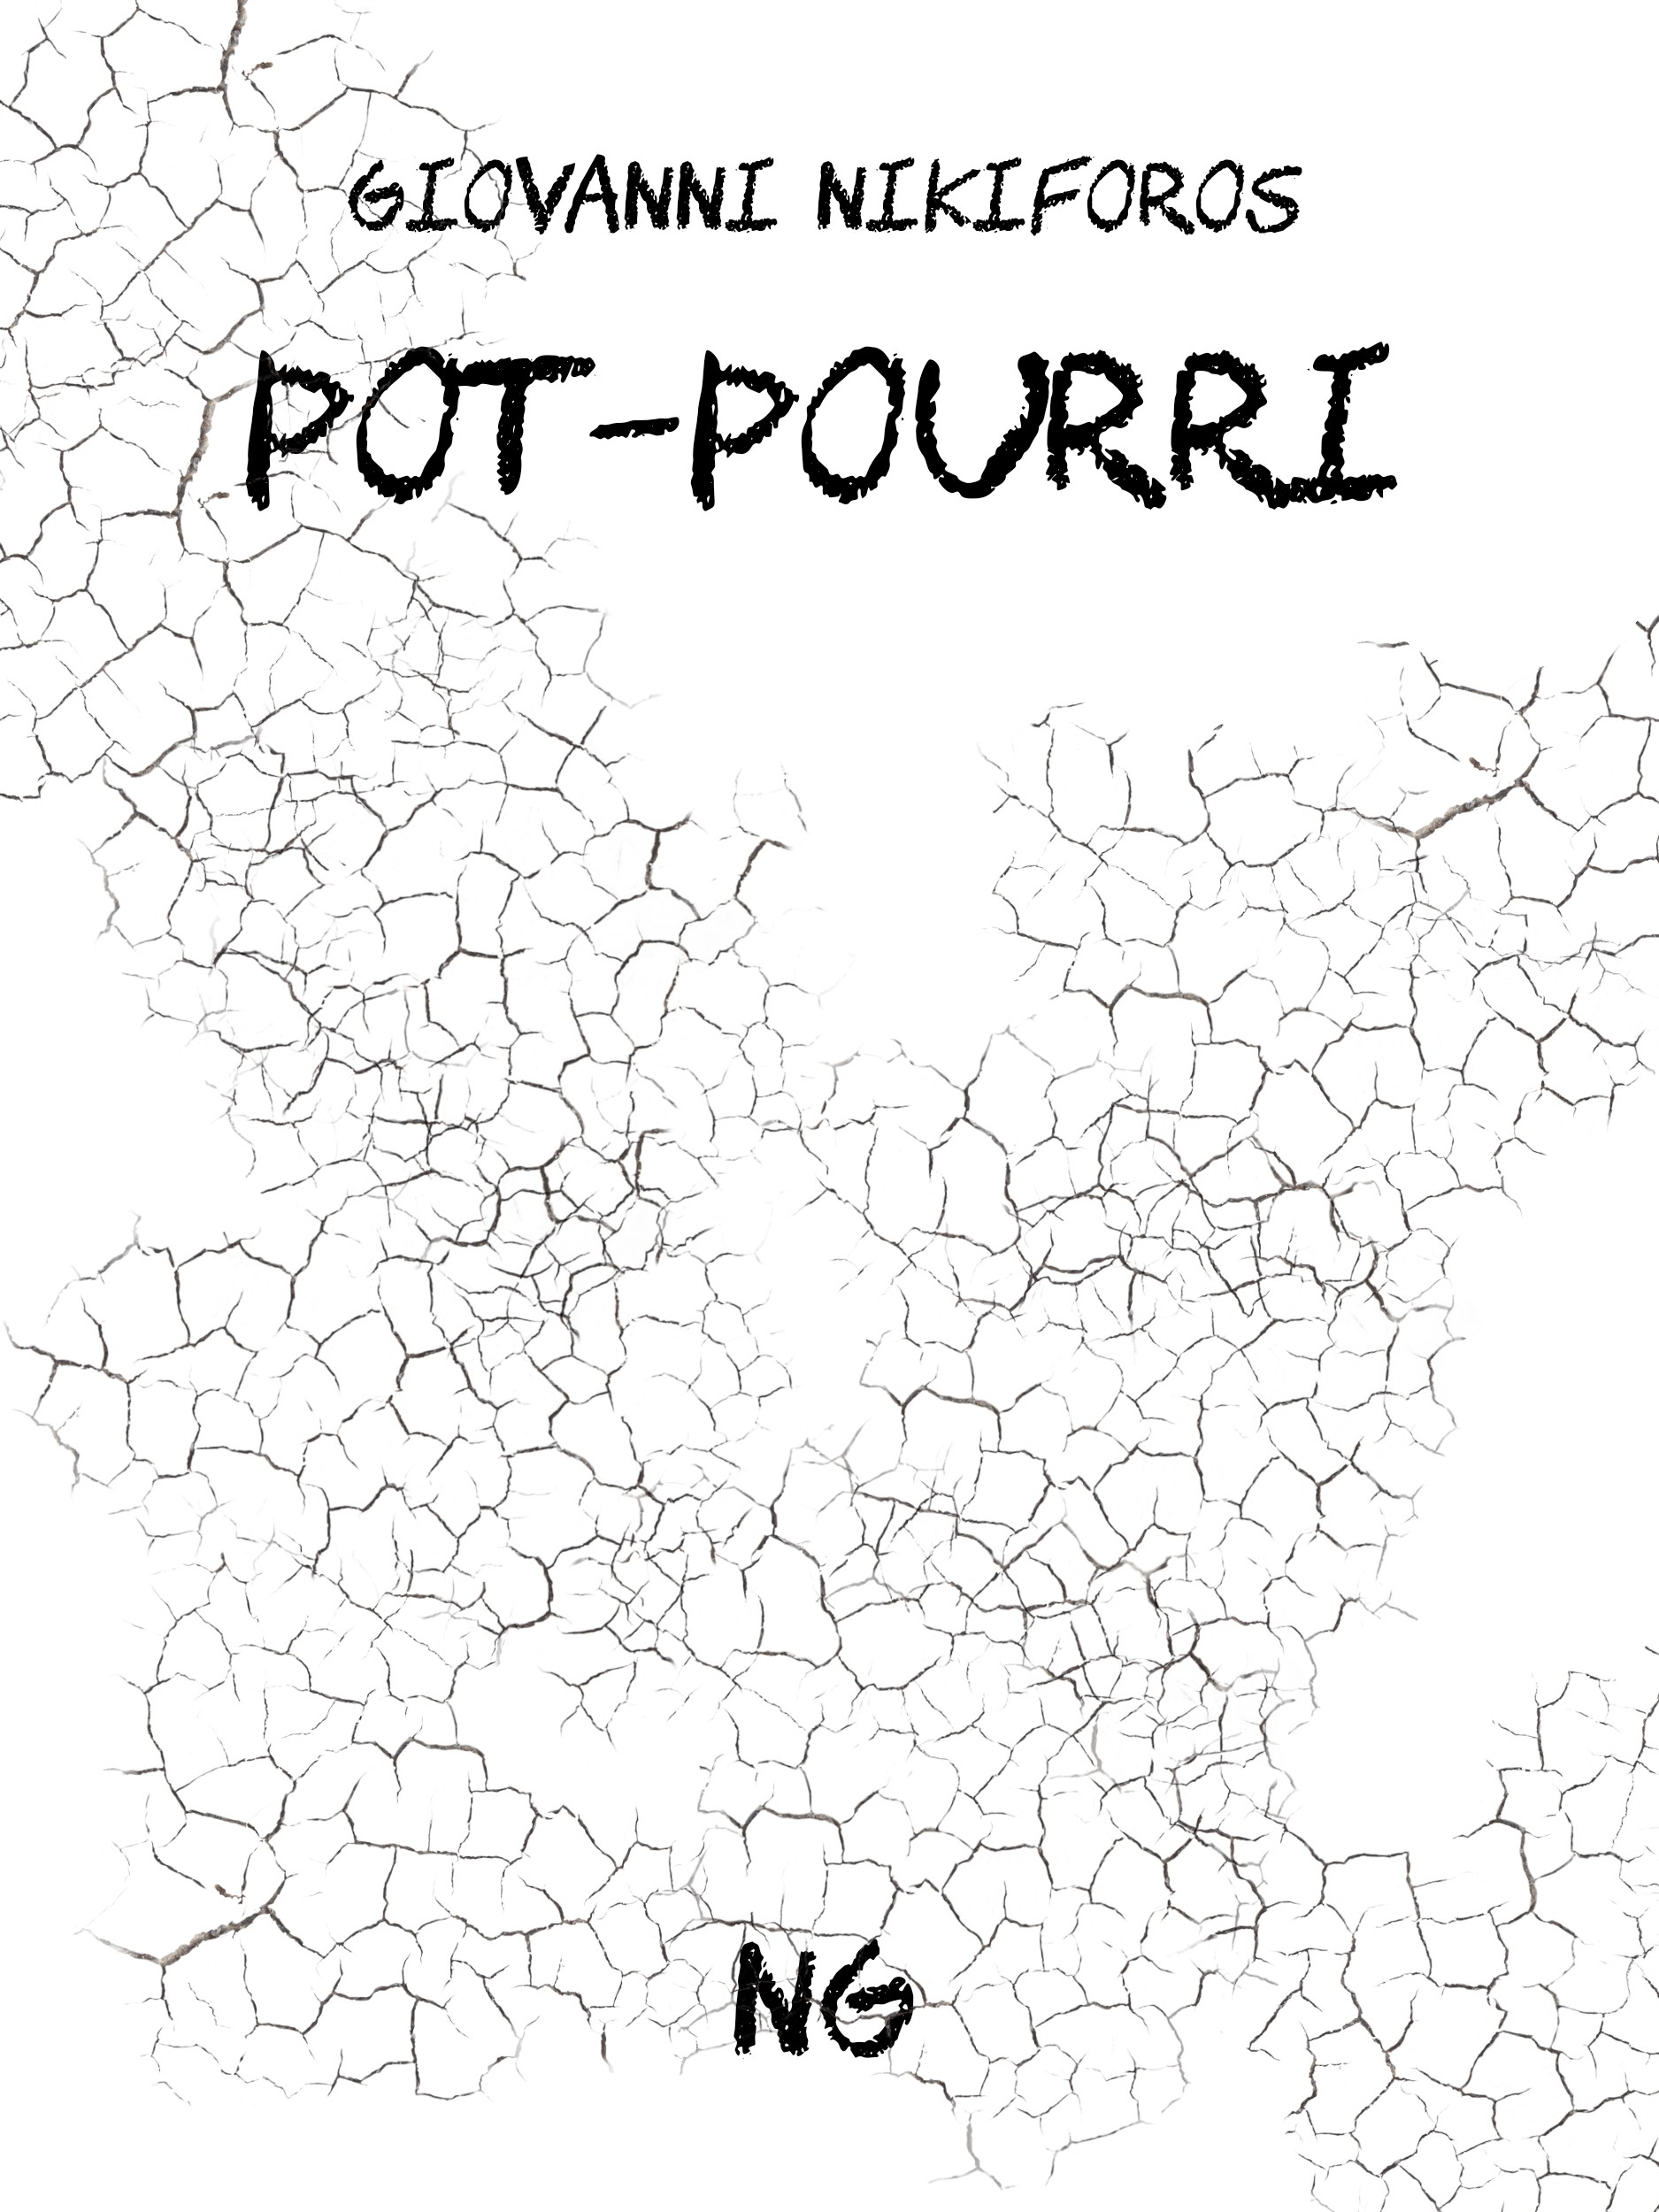 Pot - Pourri